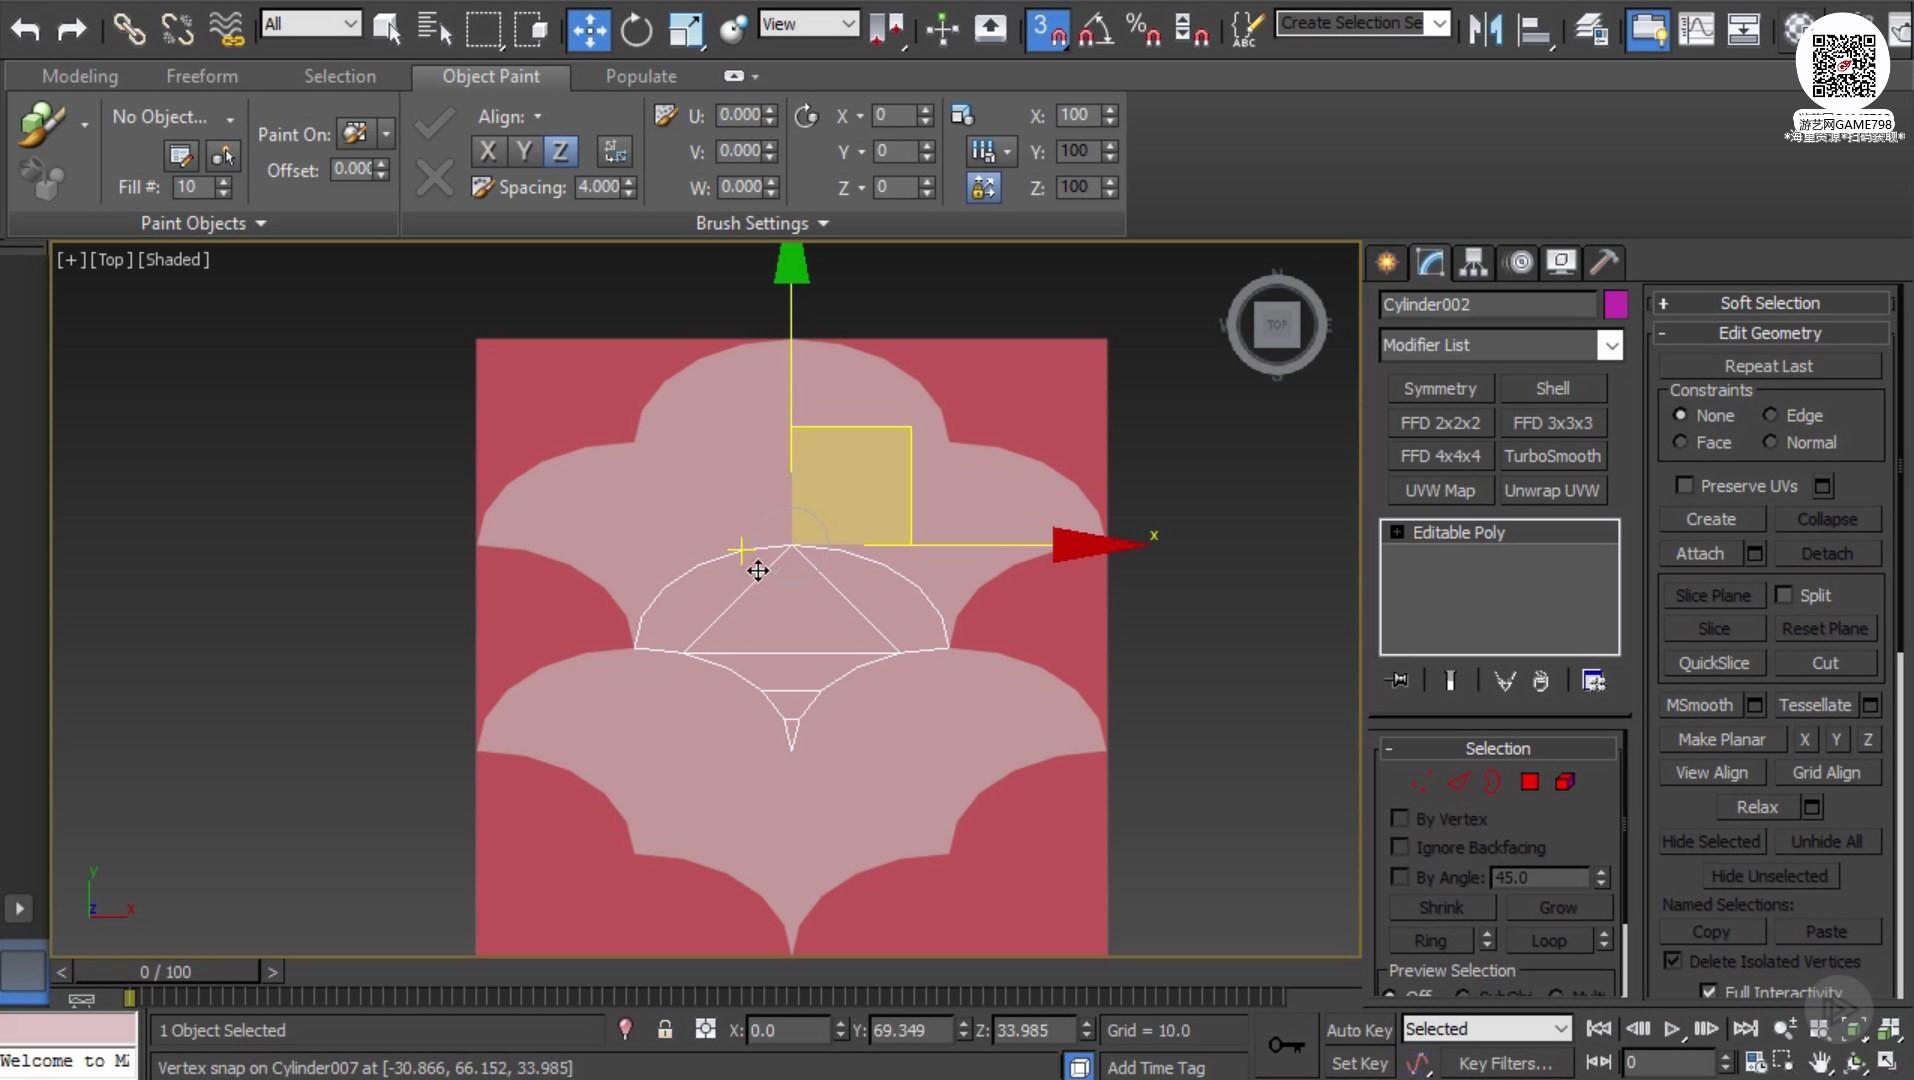 003_关注-游艺网GAME798海量资源下载ZBrush无缝贴图创建教程.jpg